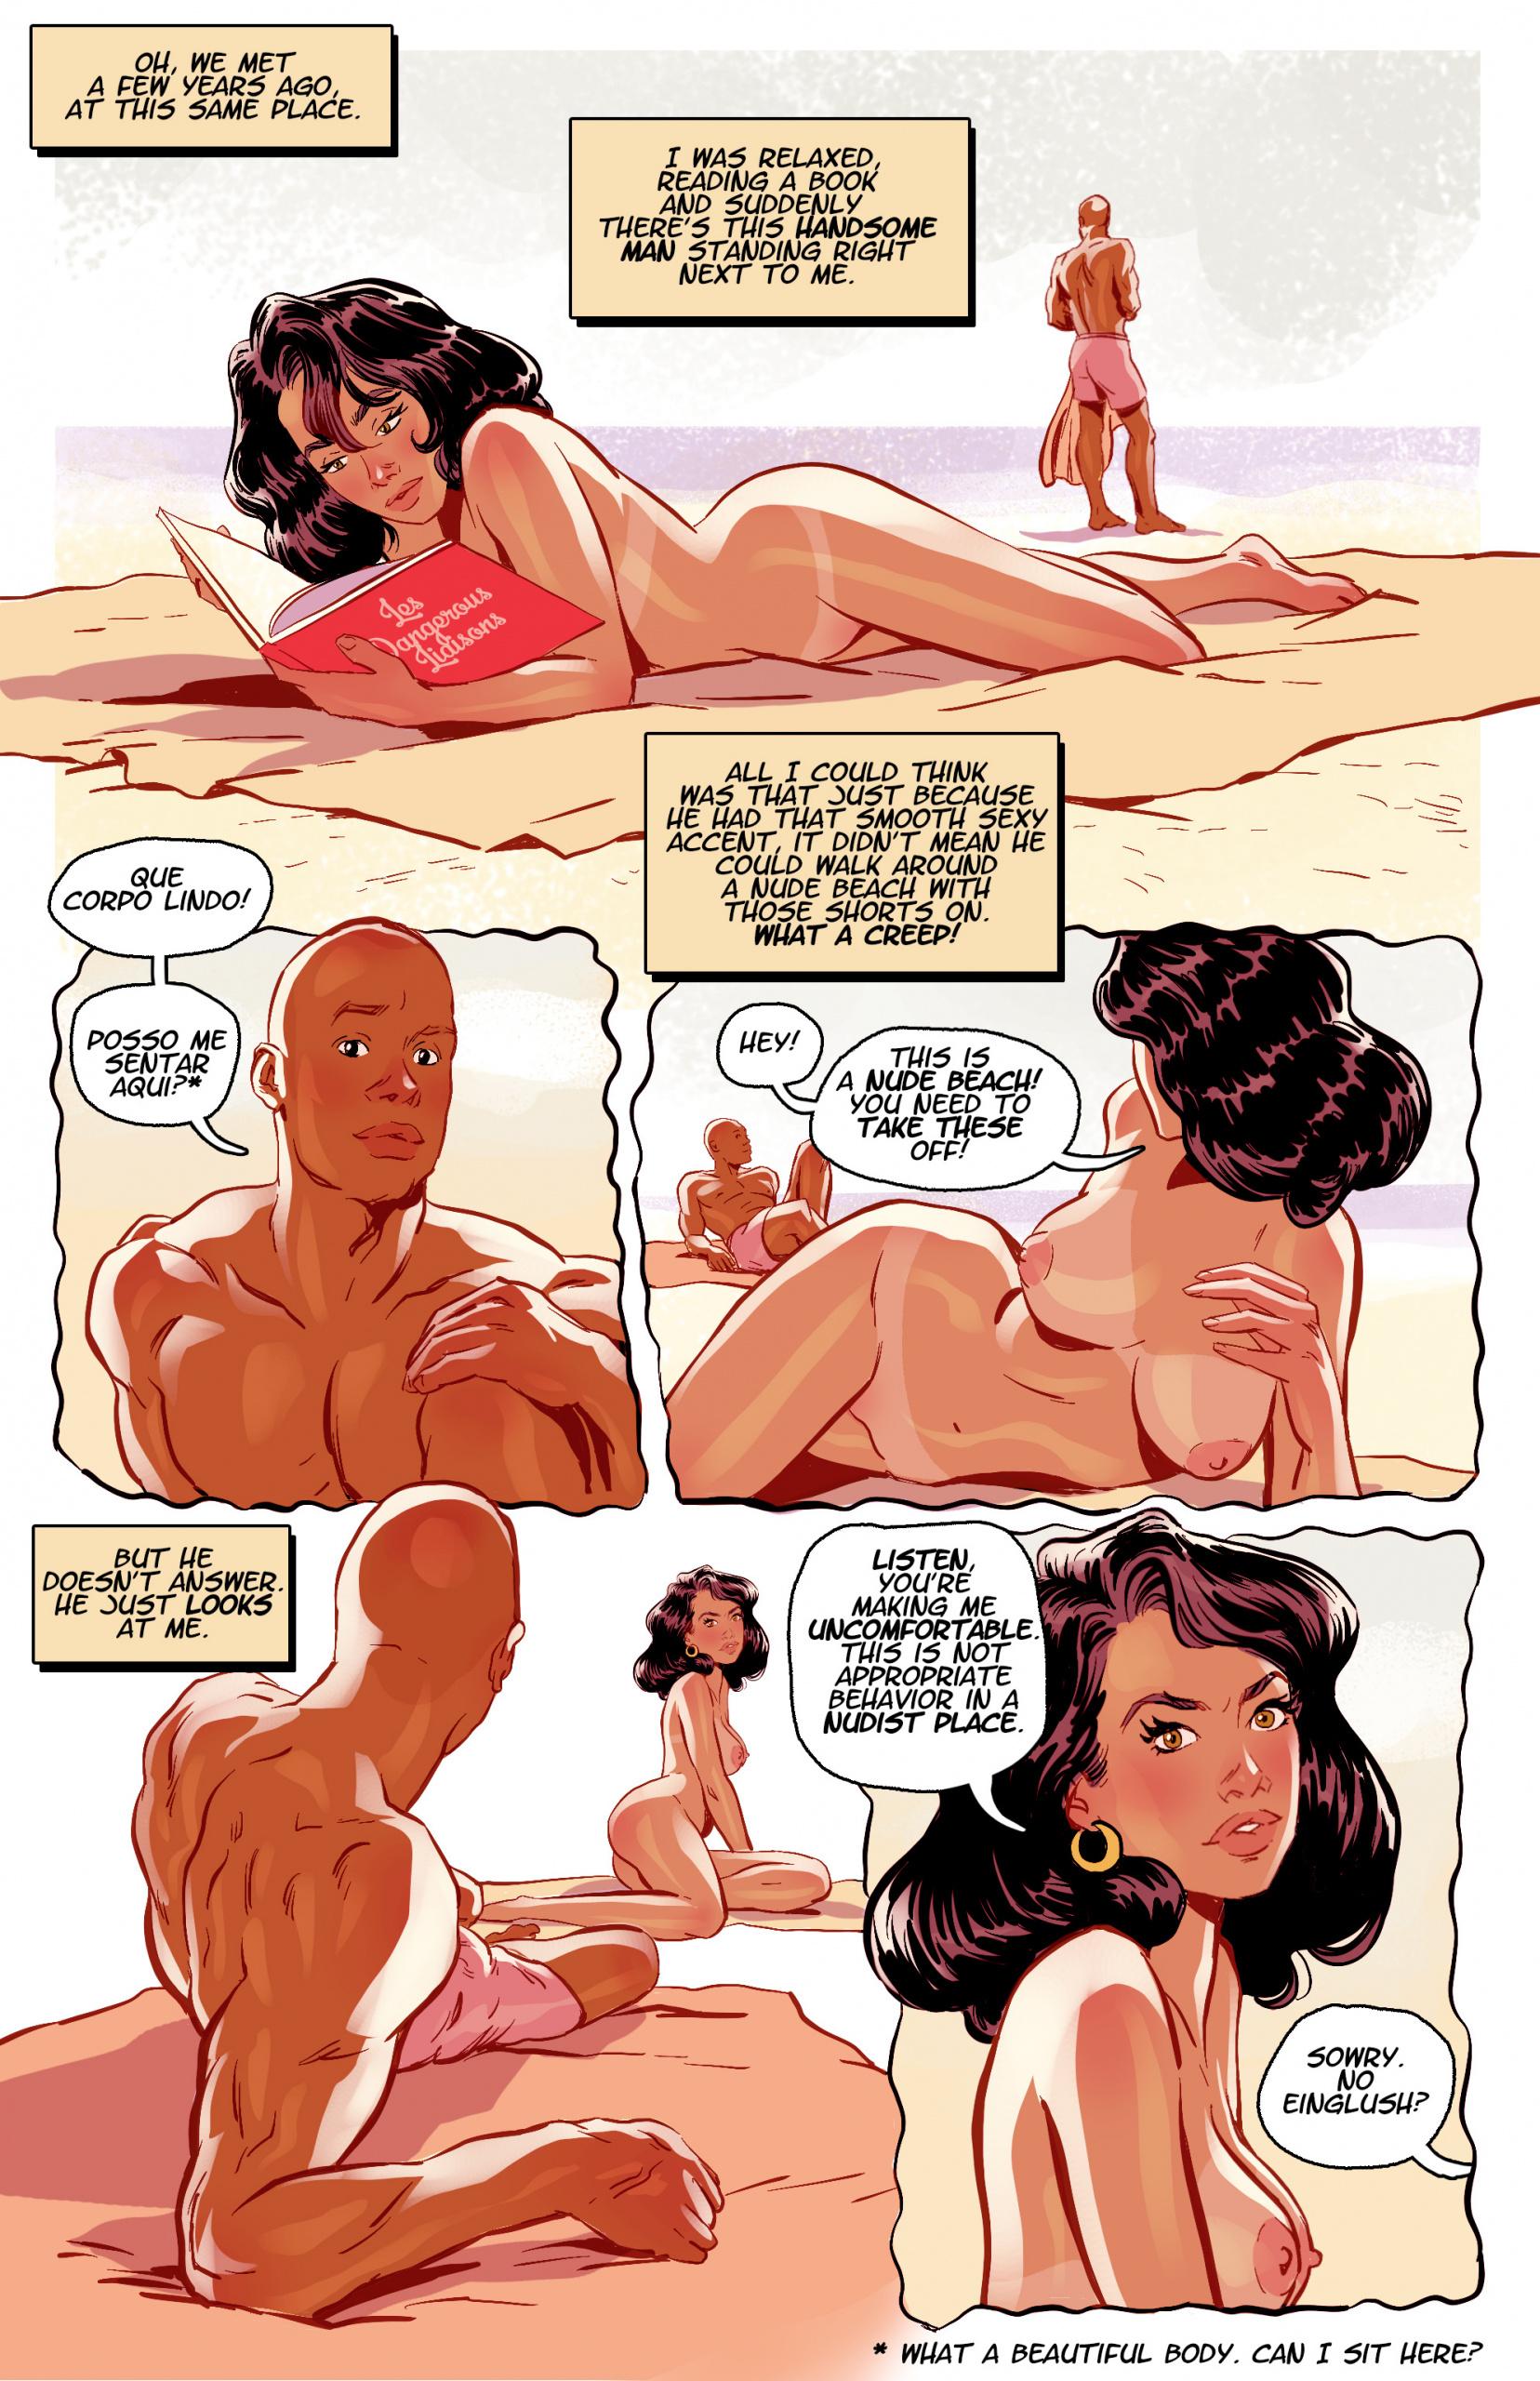 Swinging Island porn comics Oral sex, Anal Sex, Bikini, Blowjob, Cum Shots, fingering, Footjob, Group Sex, Lesbians, Masturbation, Sex Toys, Straight, Titfuck, X-Ray